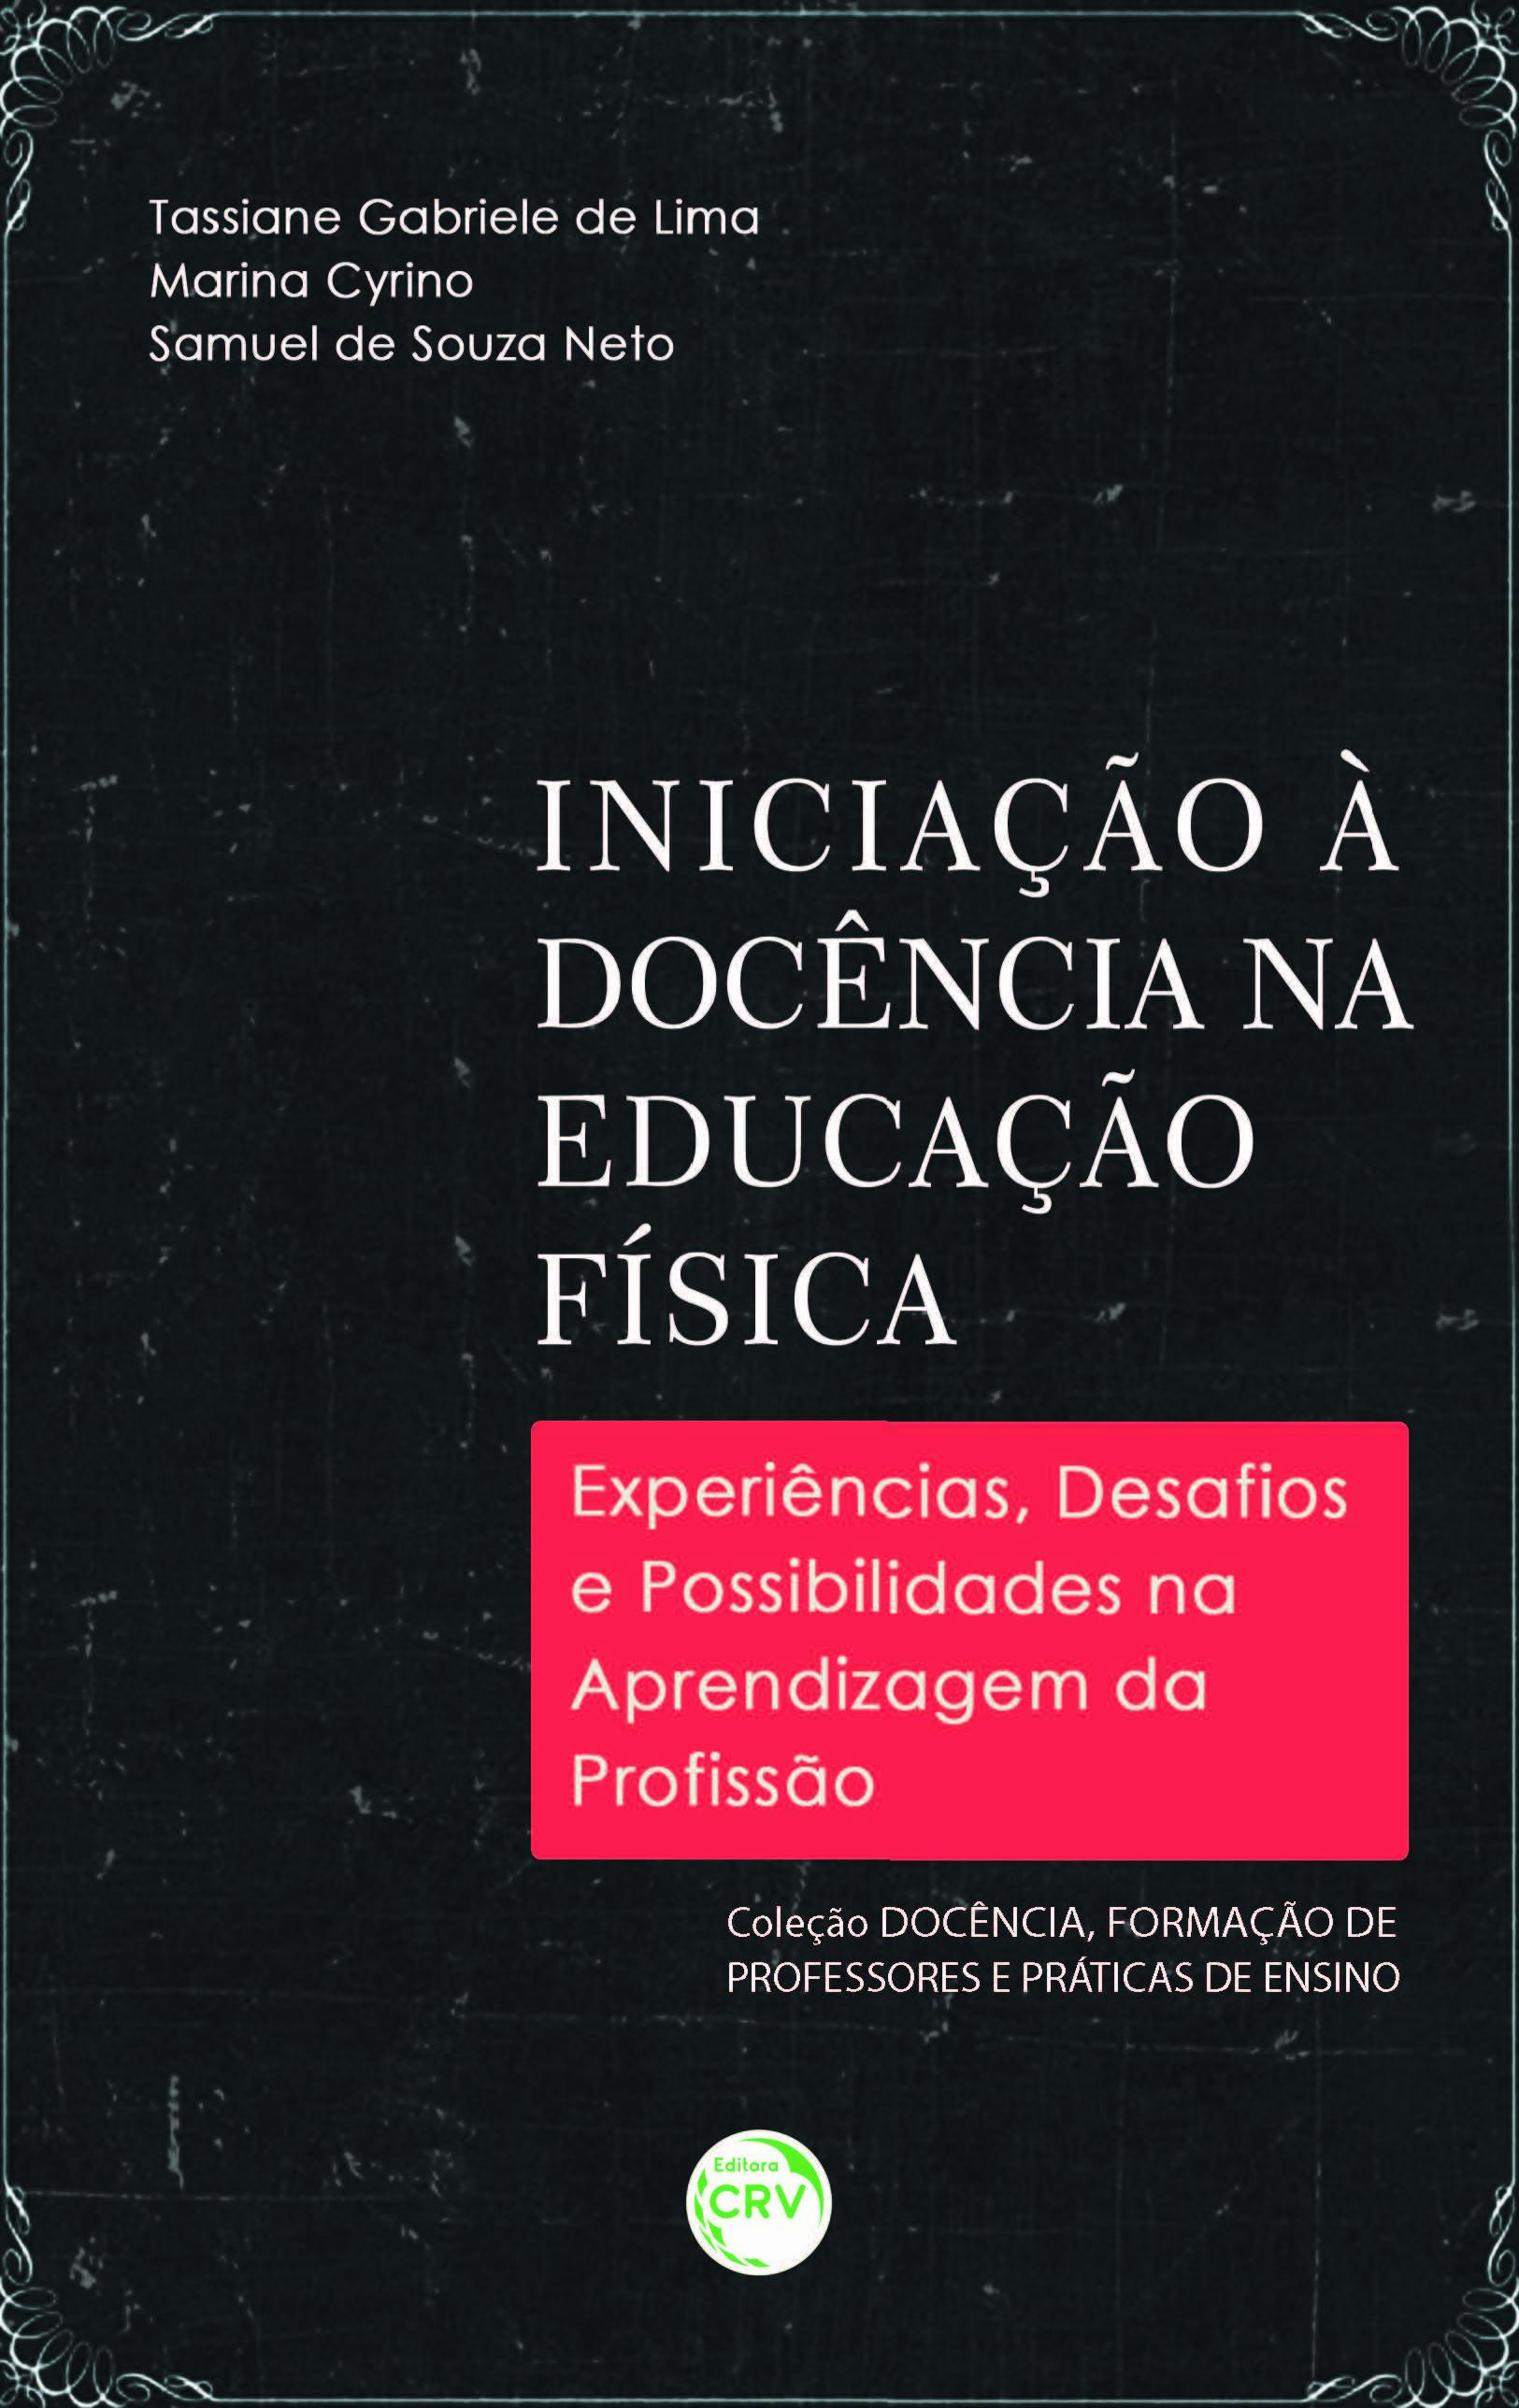 Capa do livro: INICIAÇÃO À DOCÊNCIA NA EDUCAÇÃO FÍSICA:<br>experiências, desafios e possibilidades na aprendizagem da profissão<br>Volume 02